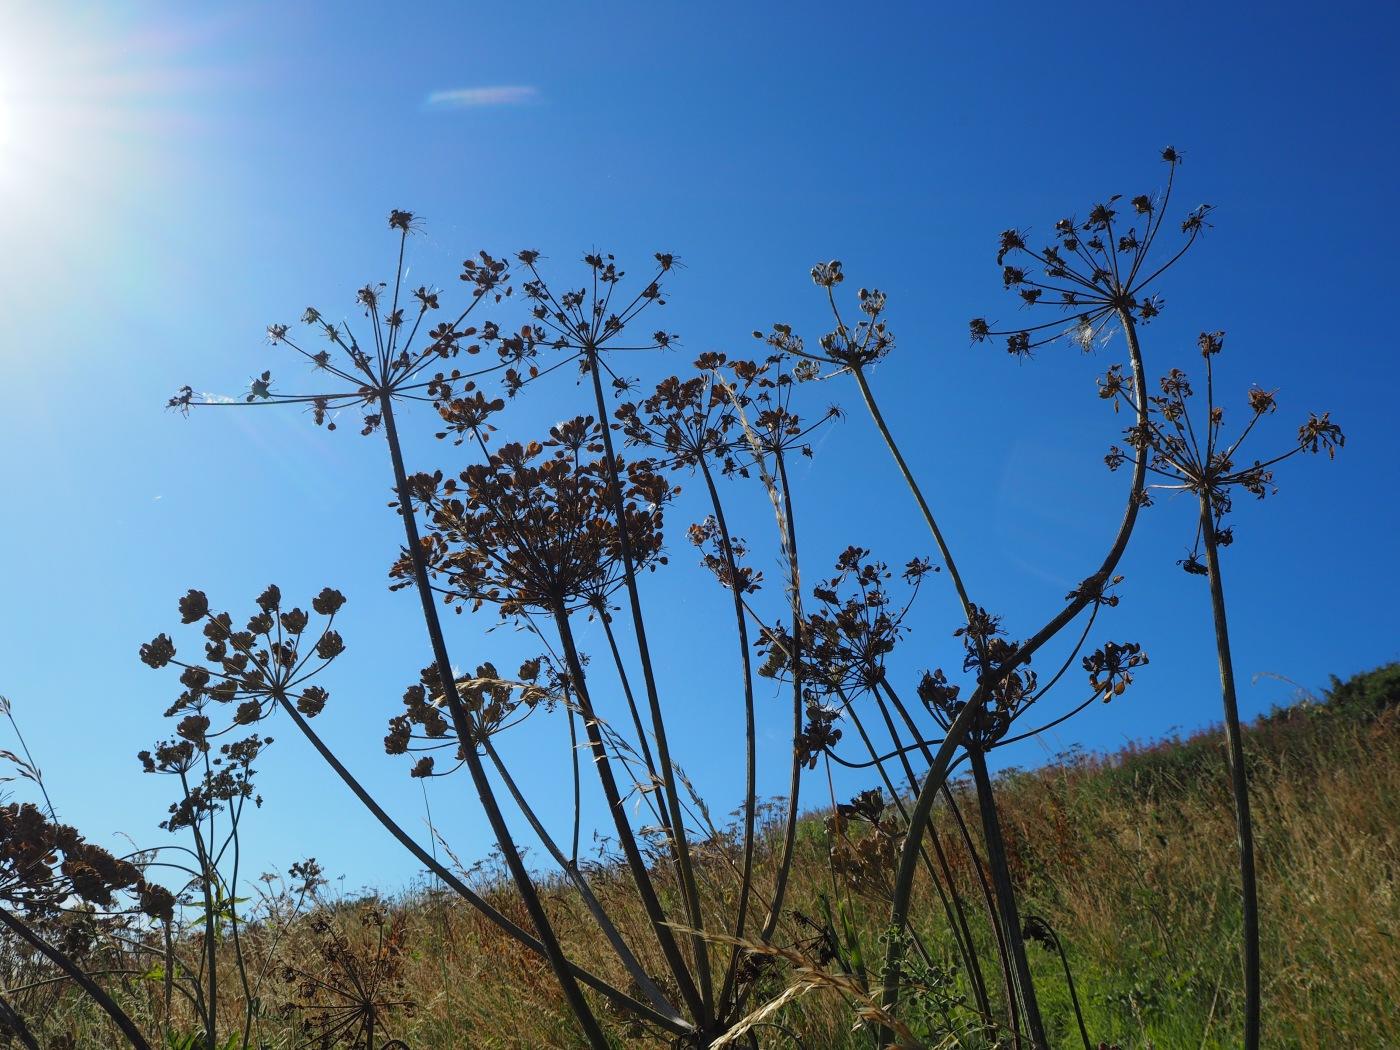 hogweed seed heads